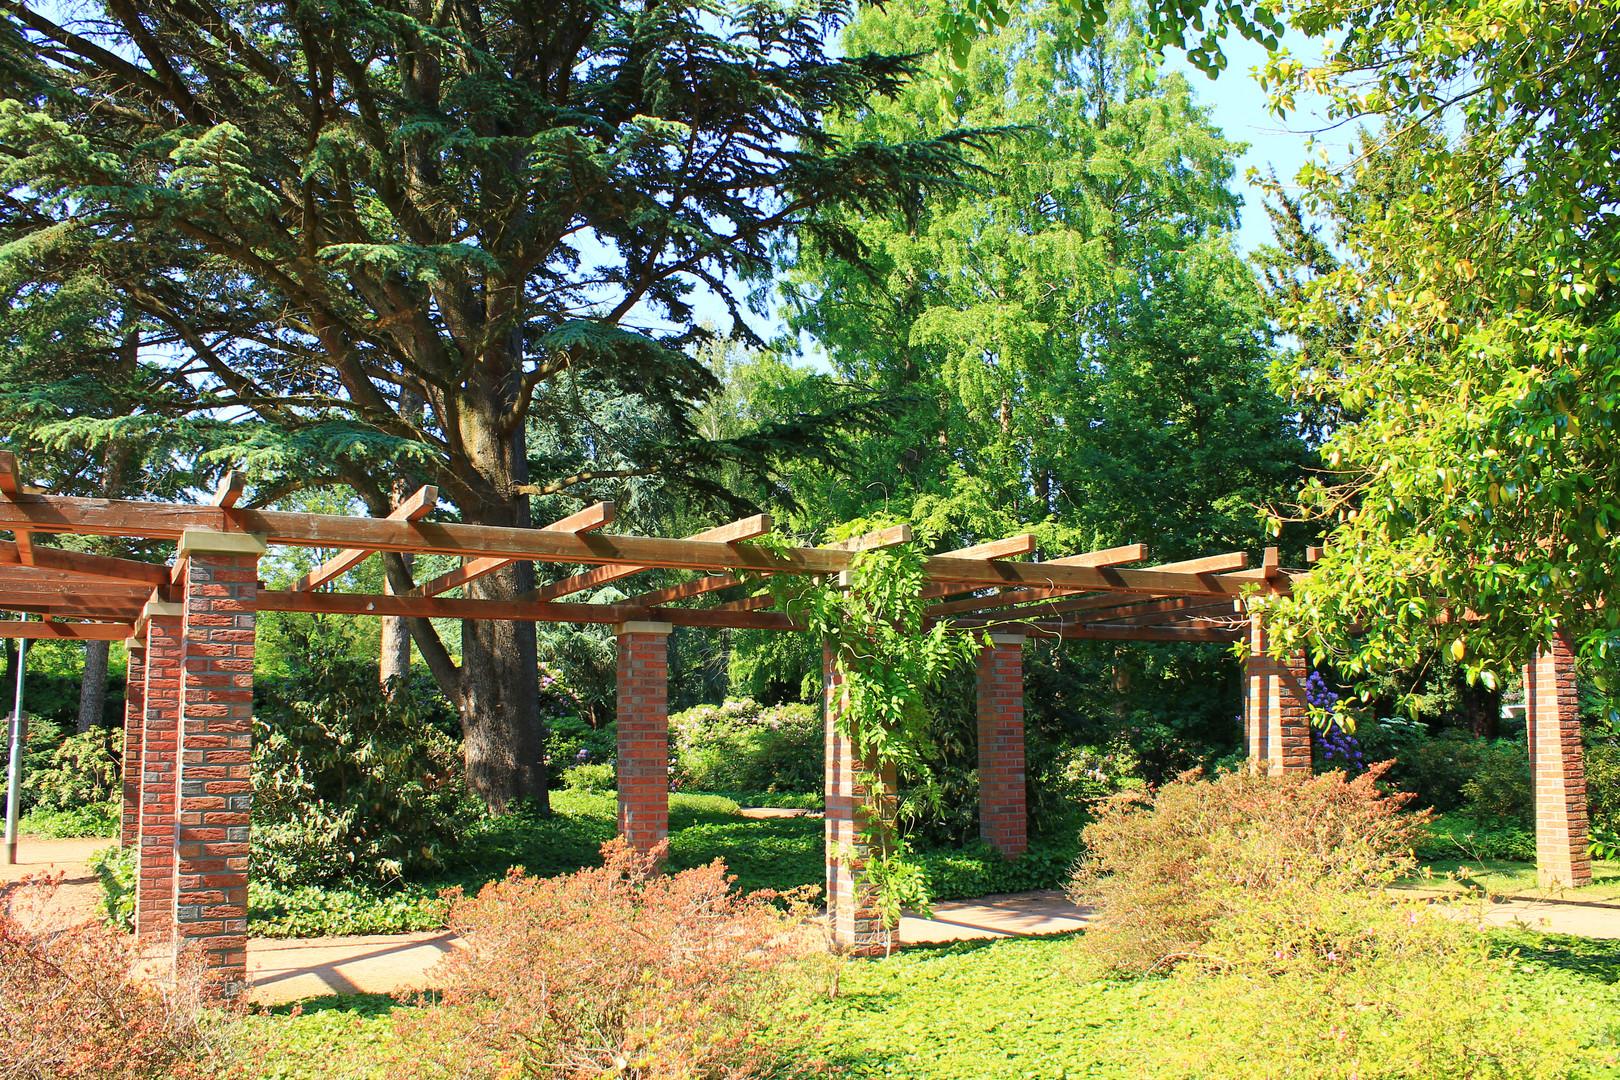 Bunter Garten Mönchengladbach Foto & Bild